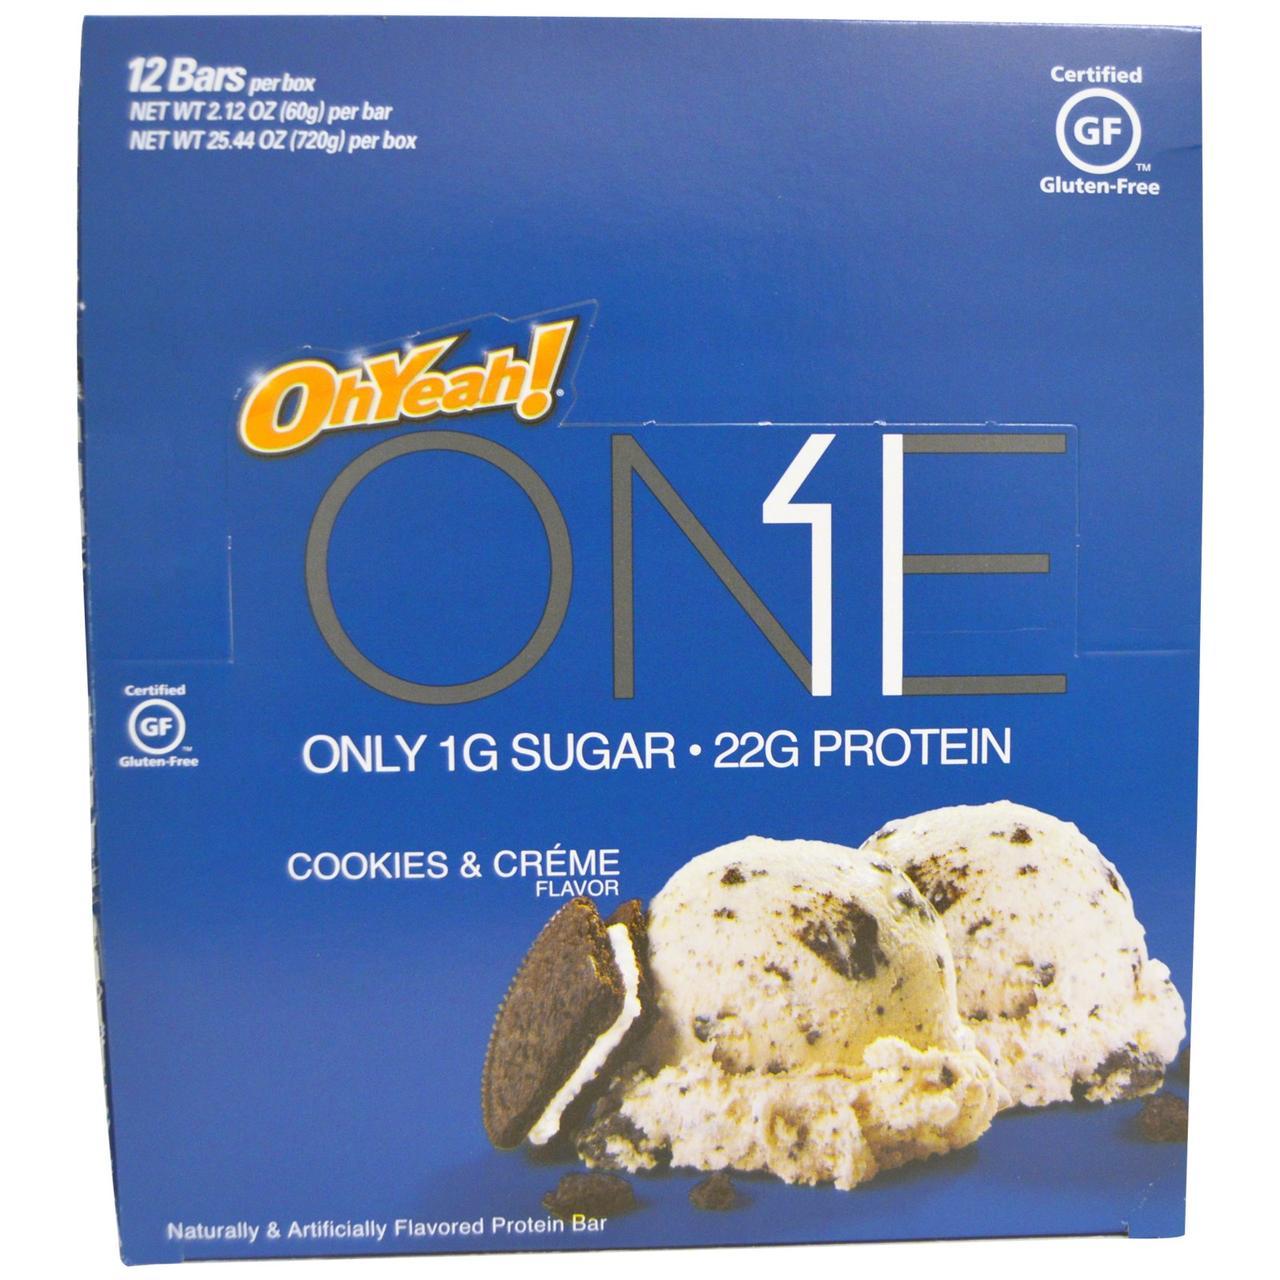 Oh Yeah!, One, печенье и кремовый аромат, 12 палочек, 2,12 унции (60 г) каждая